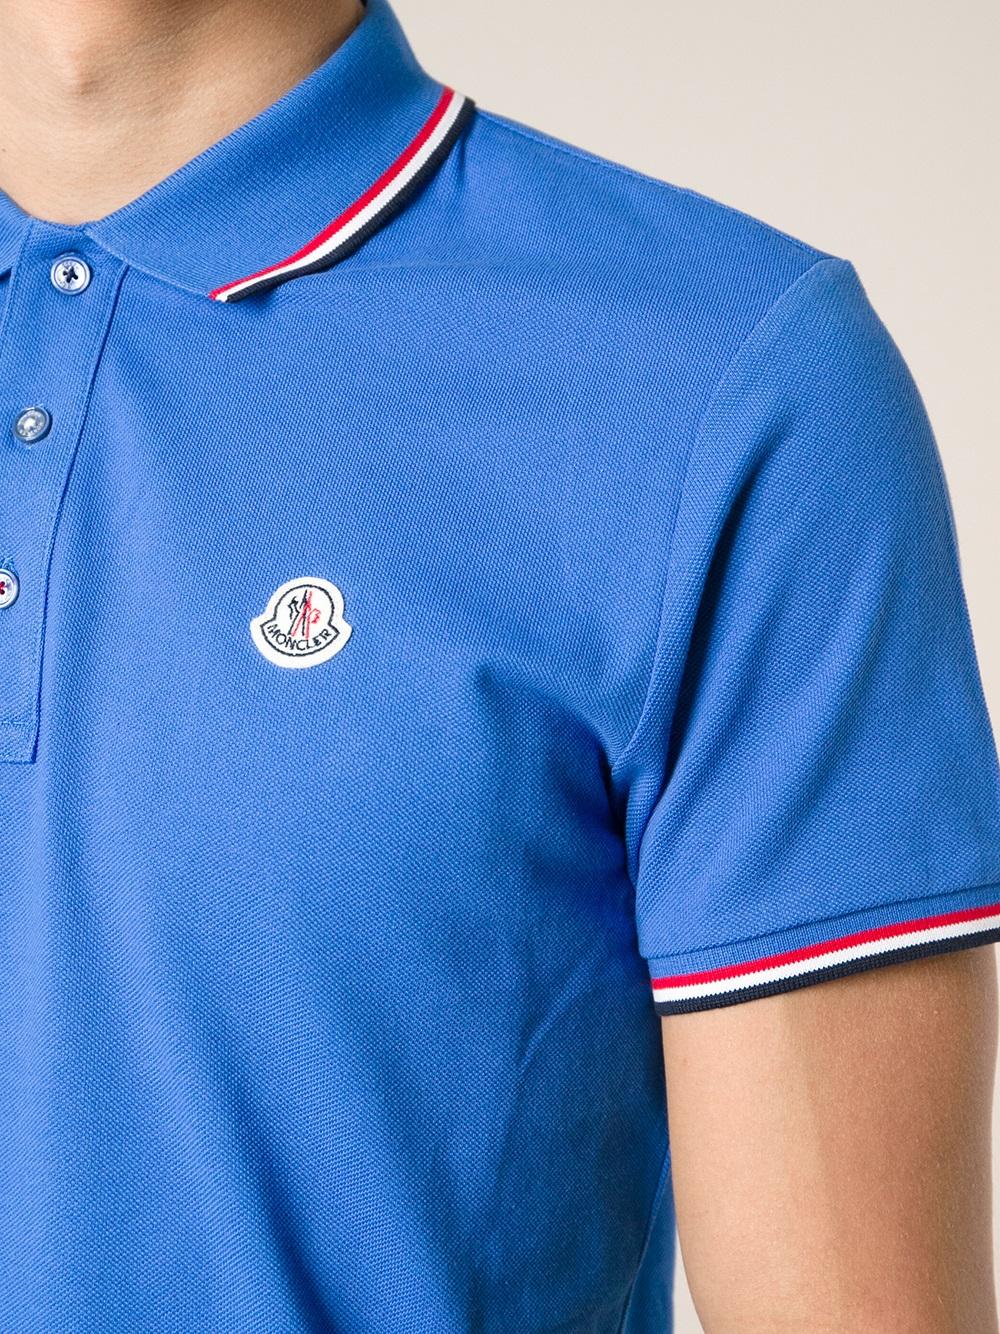 Armani T Shirts For Men